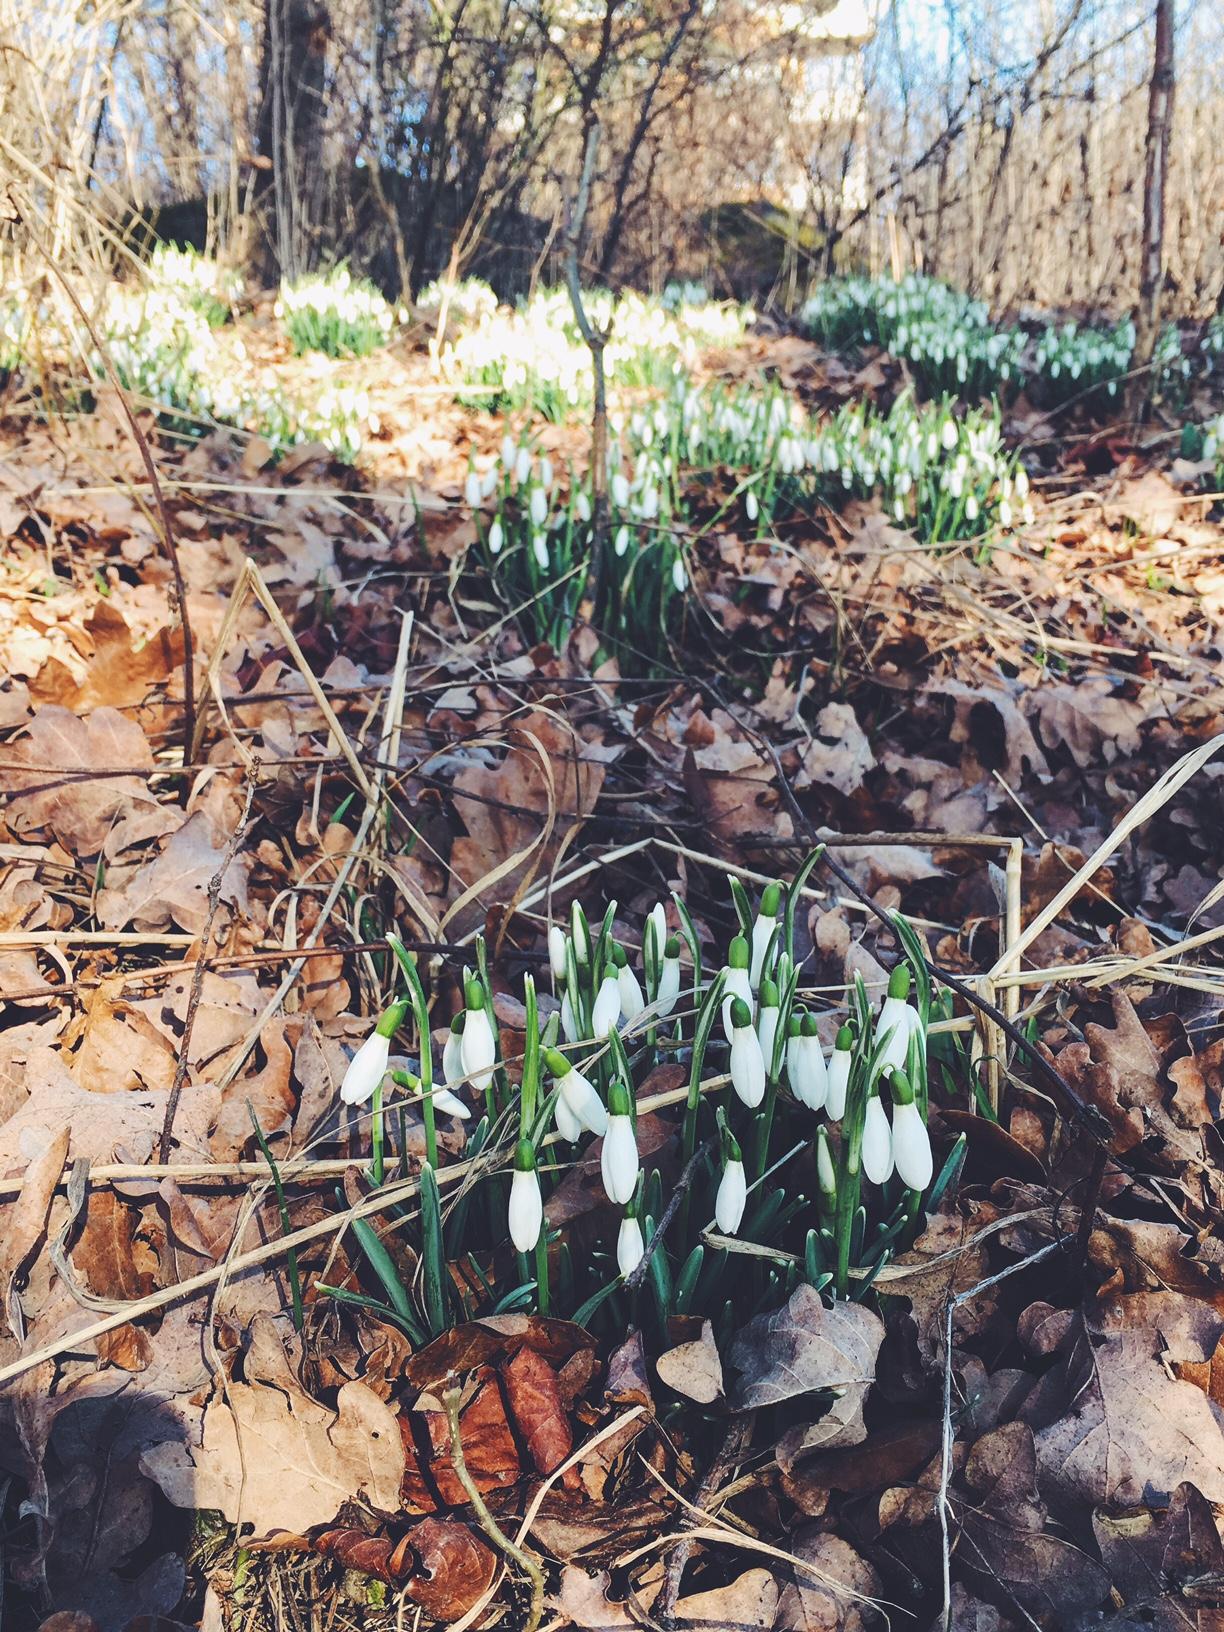 #snödroppar#snowdrops#spring#vår#inredningsblogg#joelhome